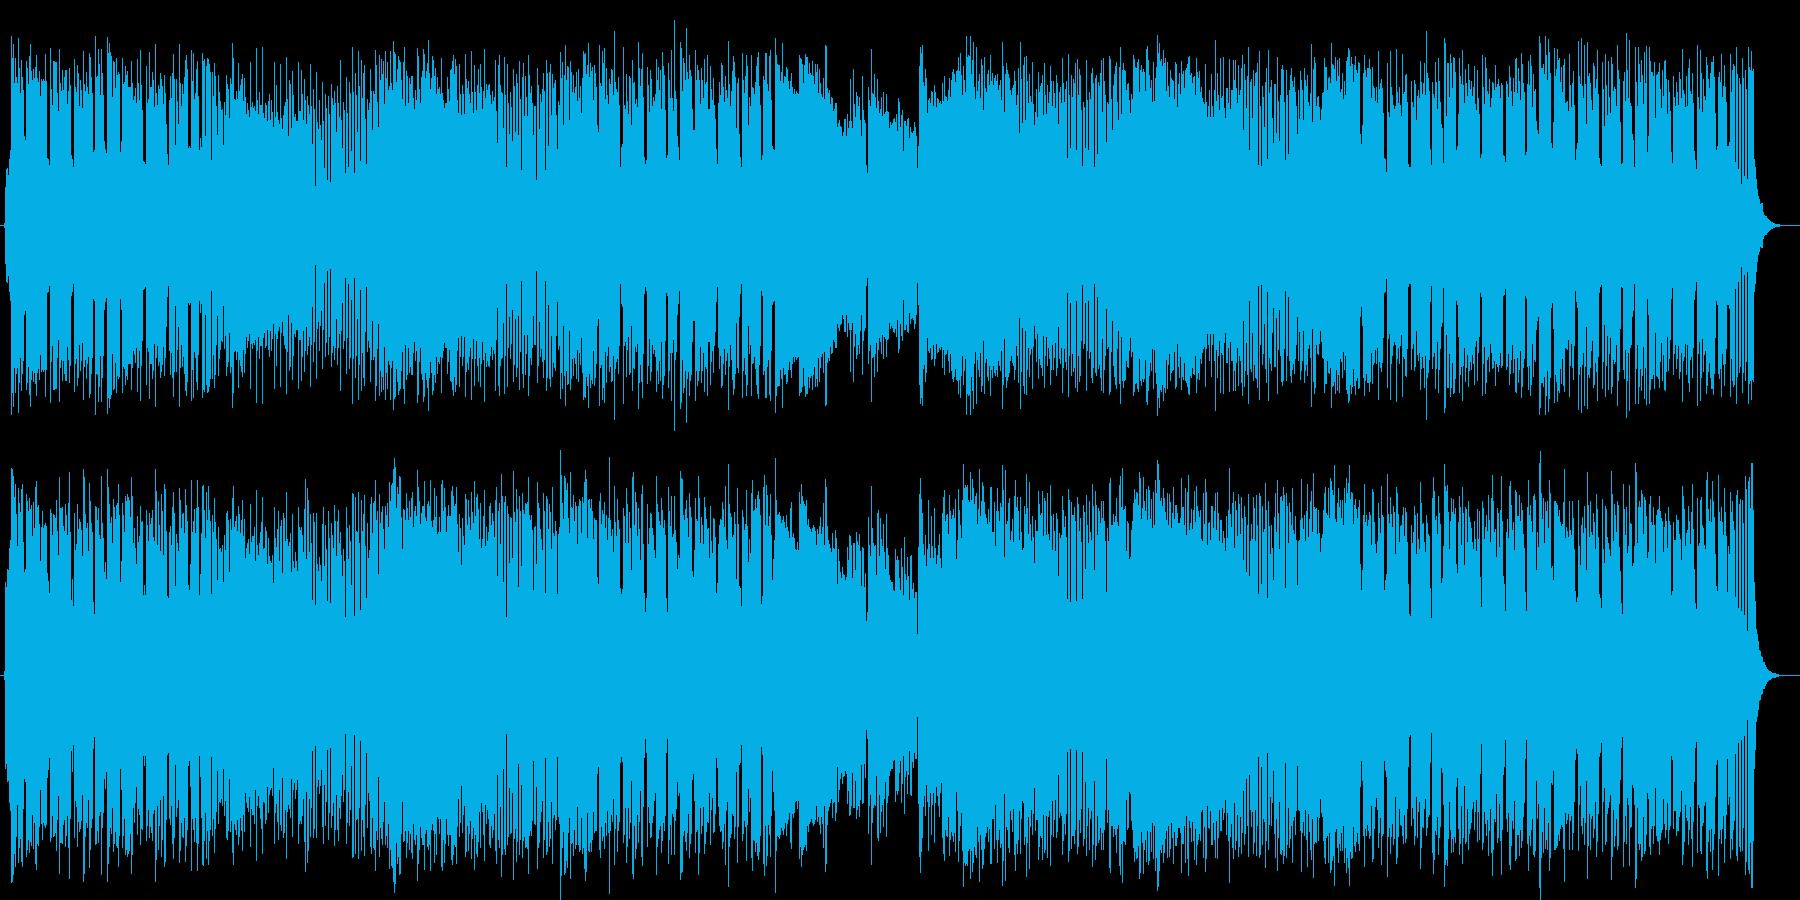 雄大でファンタジーなシンセサウンドの再生済みの波形